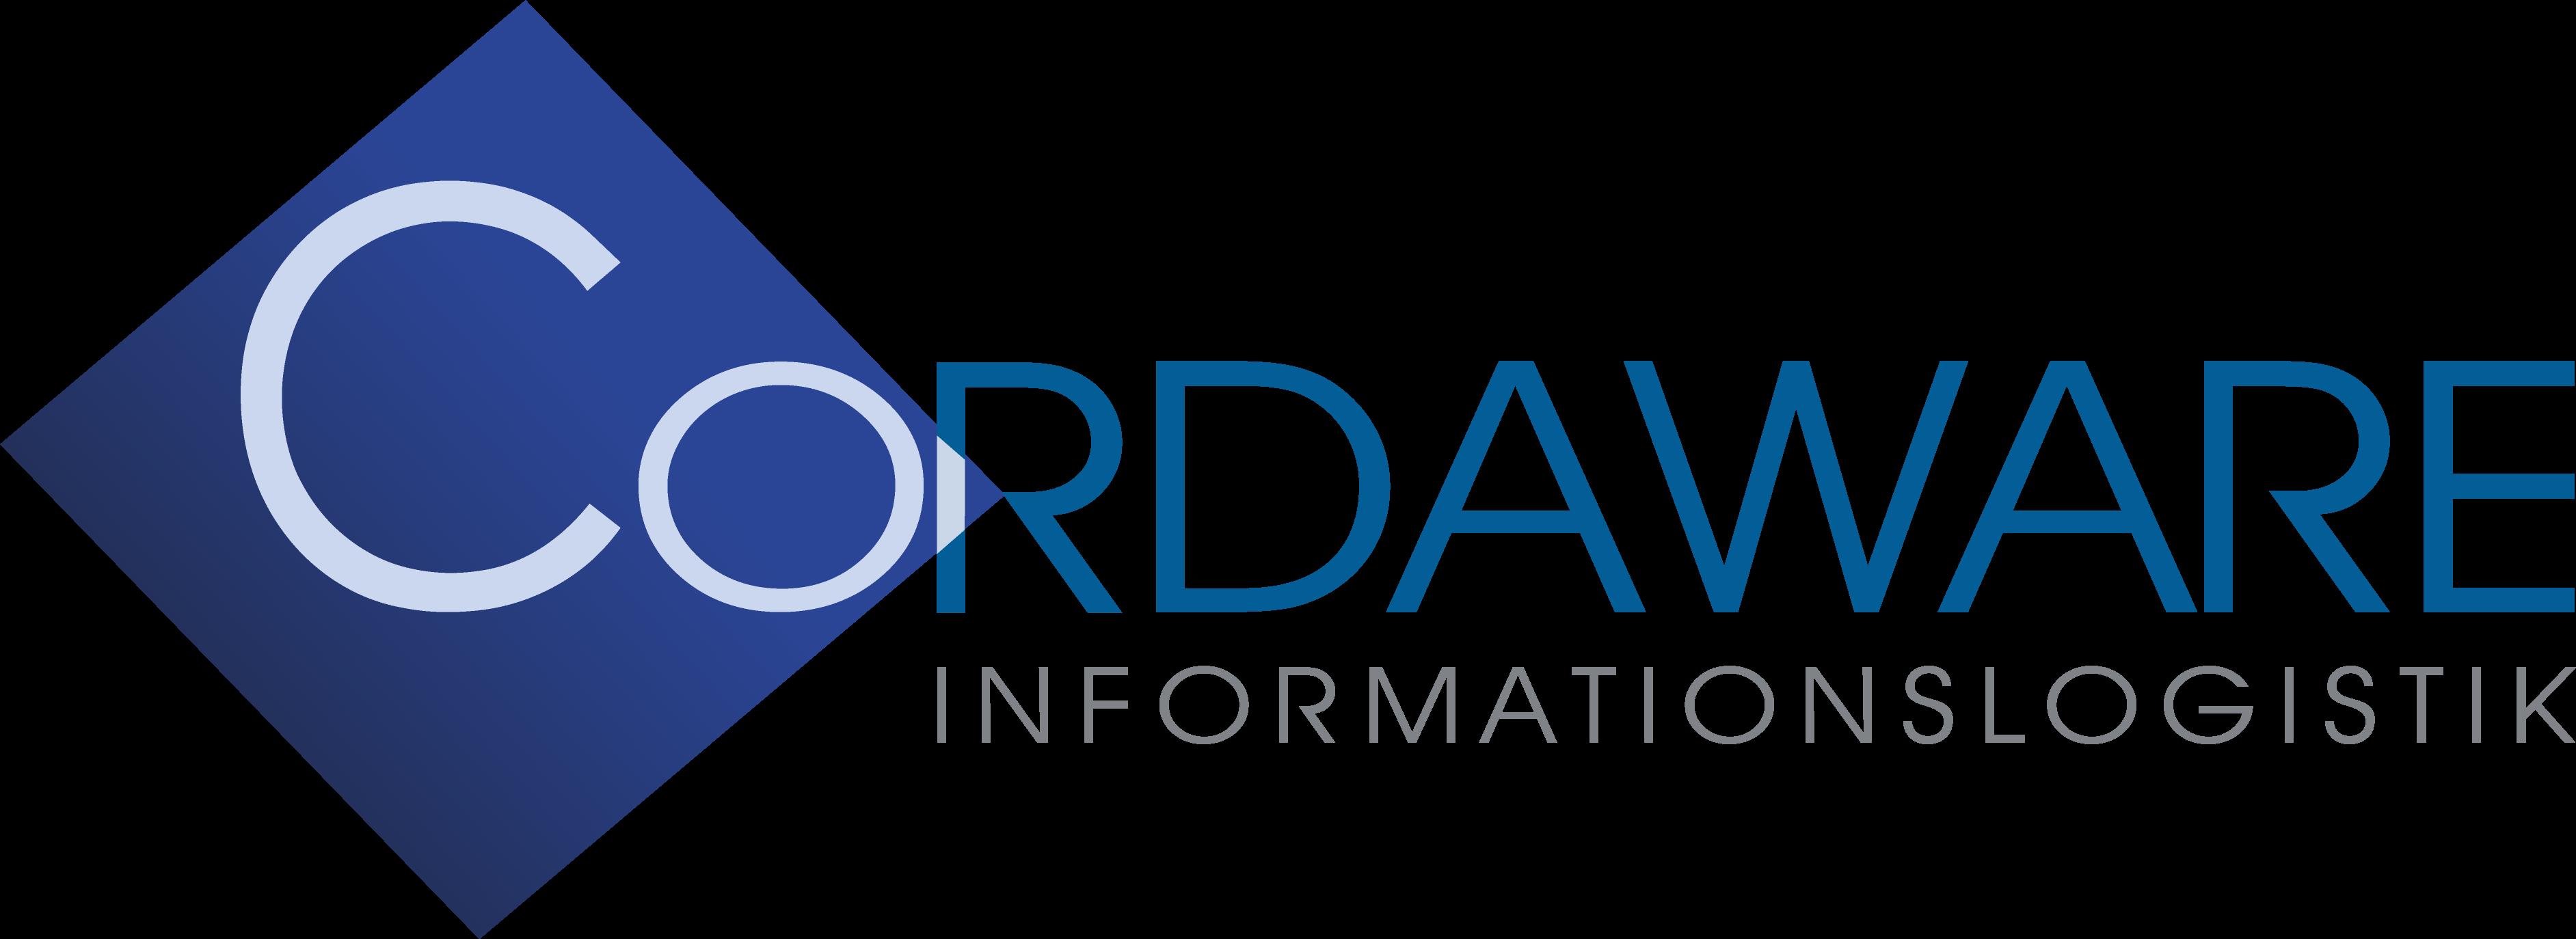 Cordaware